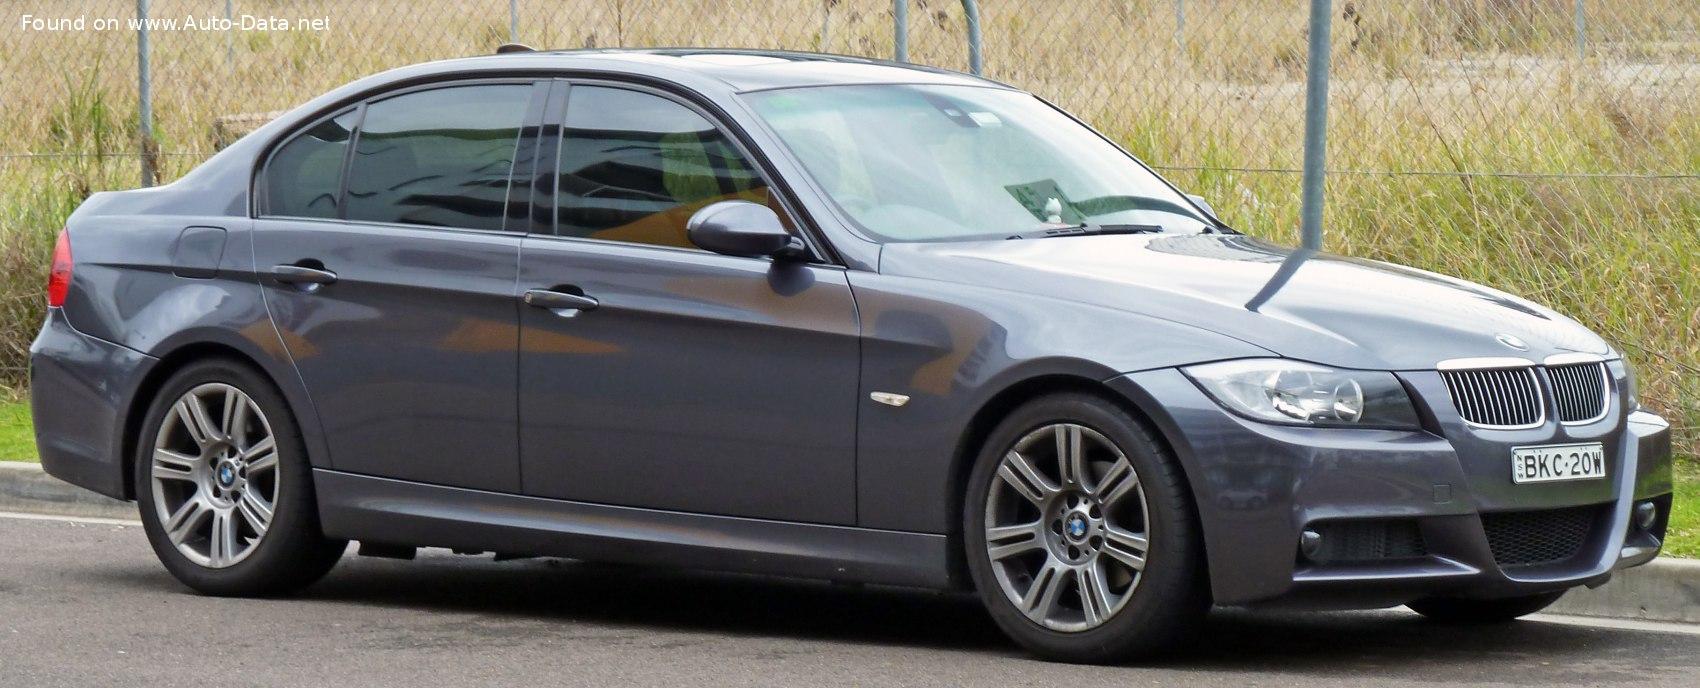 2005 Bmw 3 Series Sedan E90 318i 129 Hp Technical Specs Data Fuel Consumption Dimensions